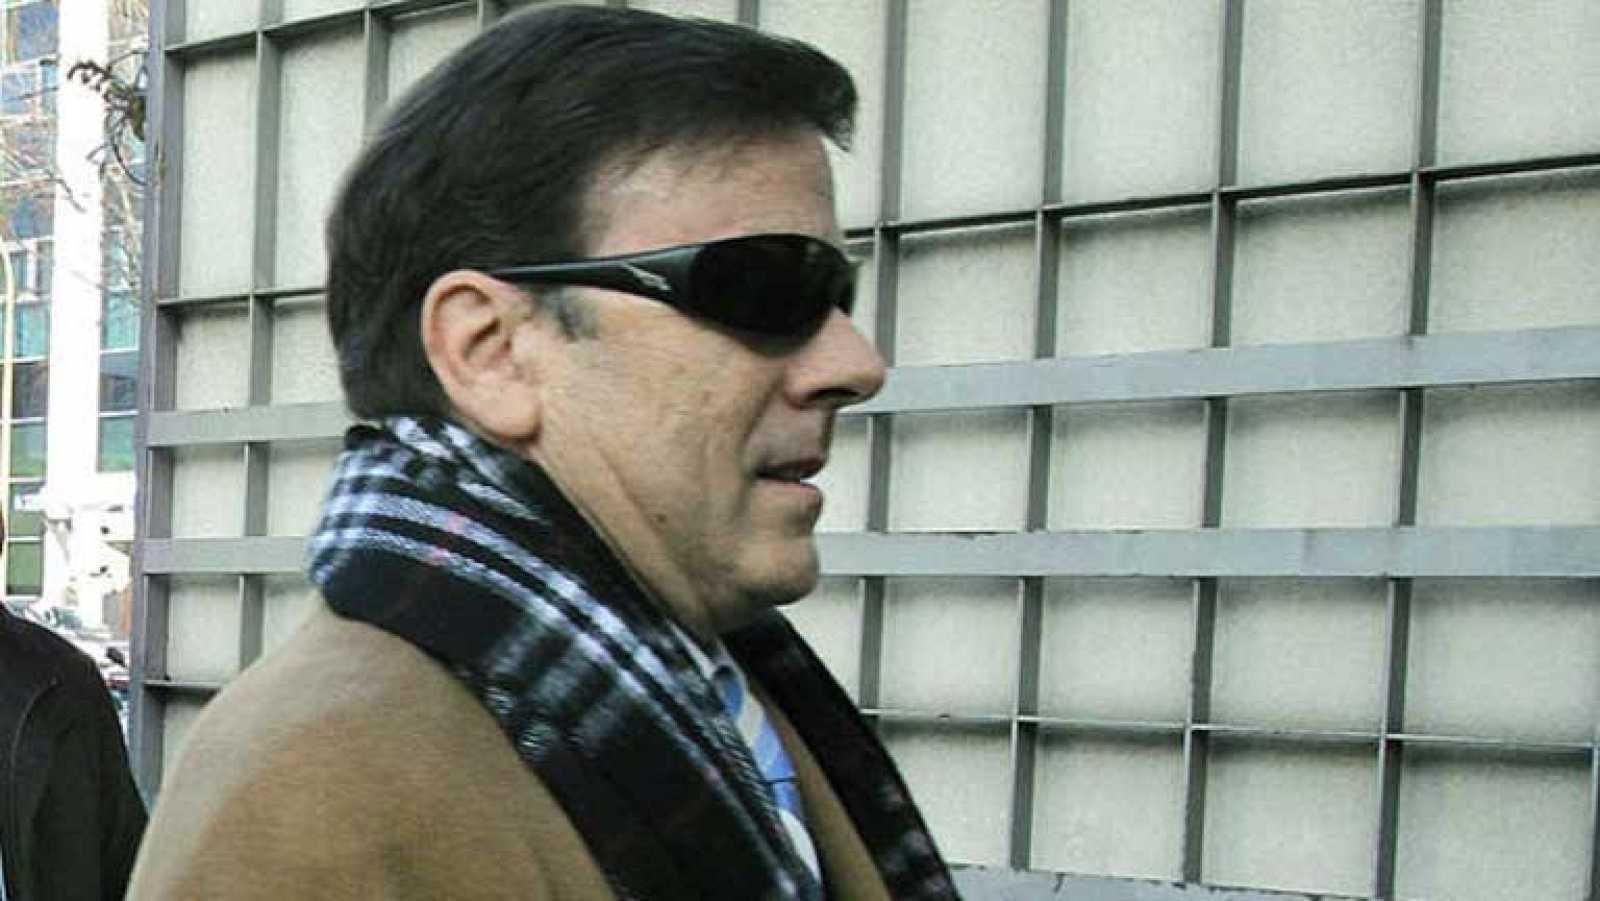 En la Operación Puerto las partes han presentado los informes finales, y a la salida del juicio el principal imputado, Eufemiano Fuentes, ha hecho una llamativa declaración. El doctor canario ha dicho a Radio Nacional de España que el Real Madrid le